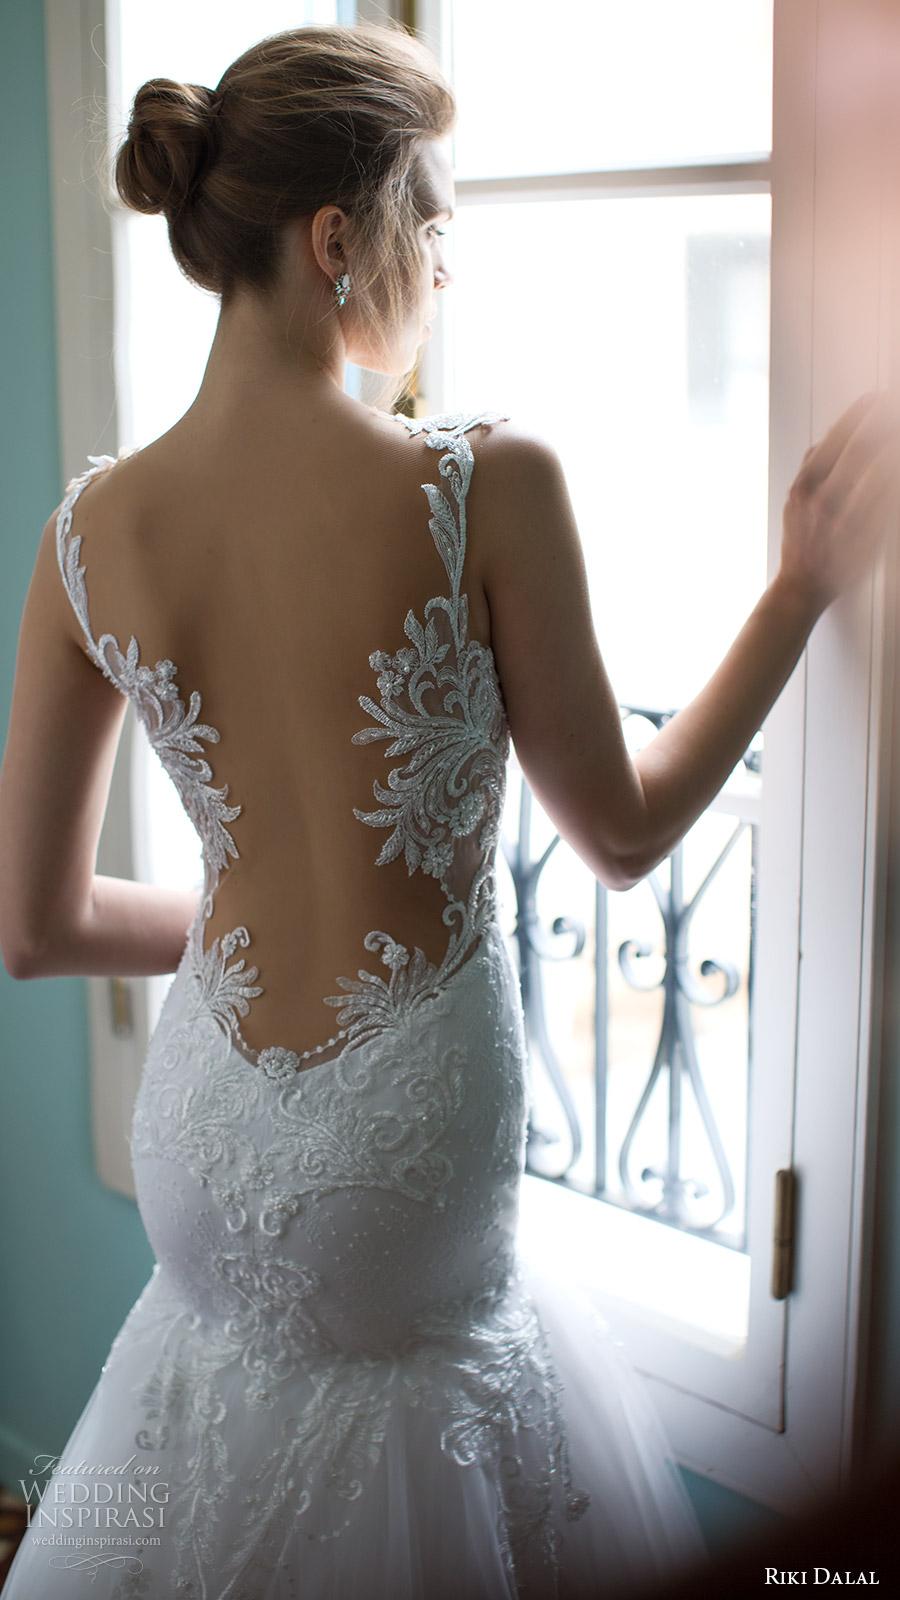 riki dalal bridal 2016 sleeveless plunging sweetheart lace straps embellished bodice mermaid wedding dress (1808) zbv elegant romantic train